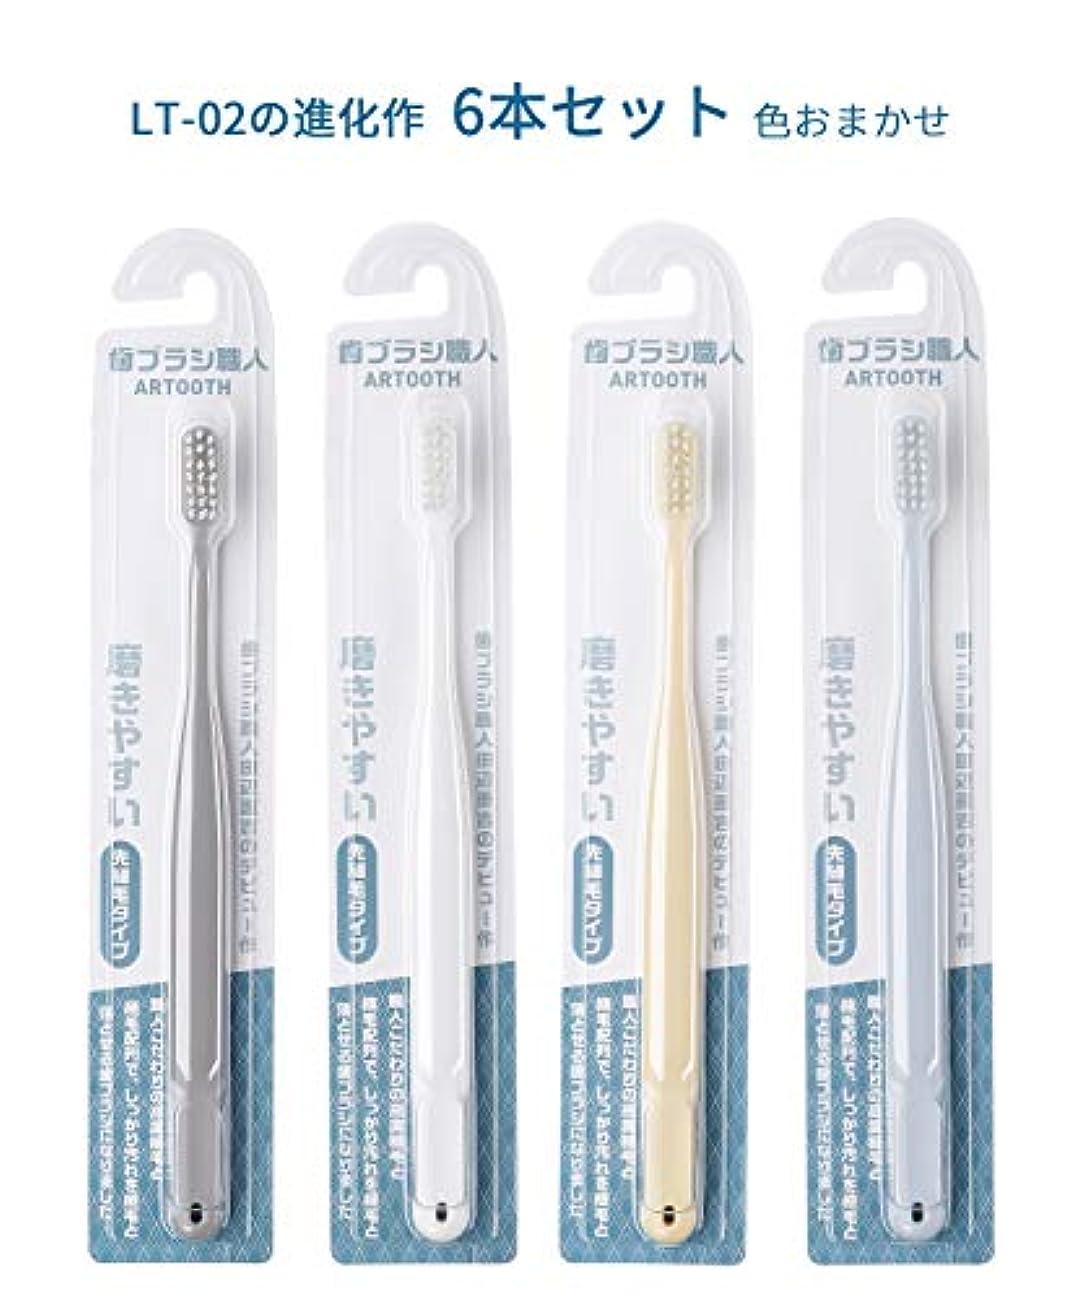 良性アクチュエータ座る歯ブラシ職人ARTOOTH 田辺重吉 磨きやすい歯ブラシ 先細 AT-02 (6本パック)